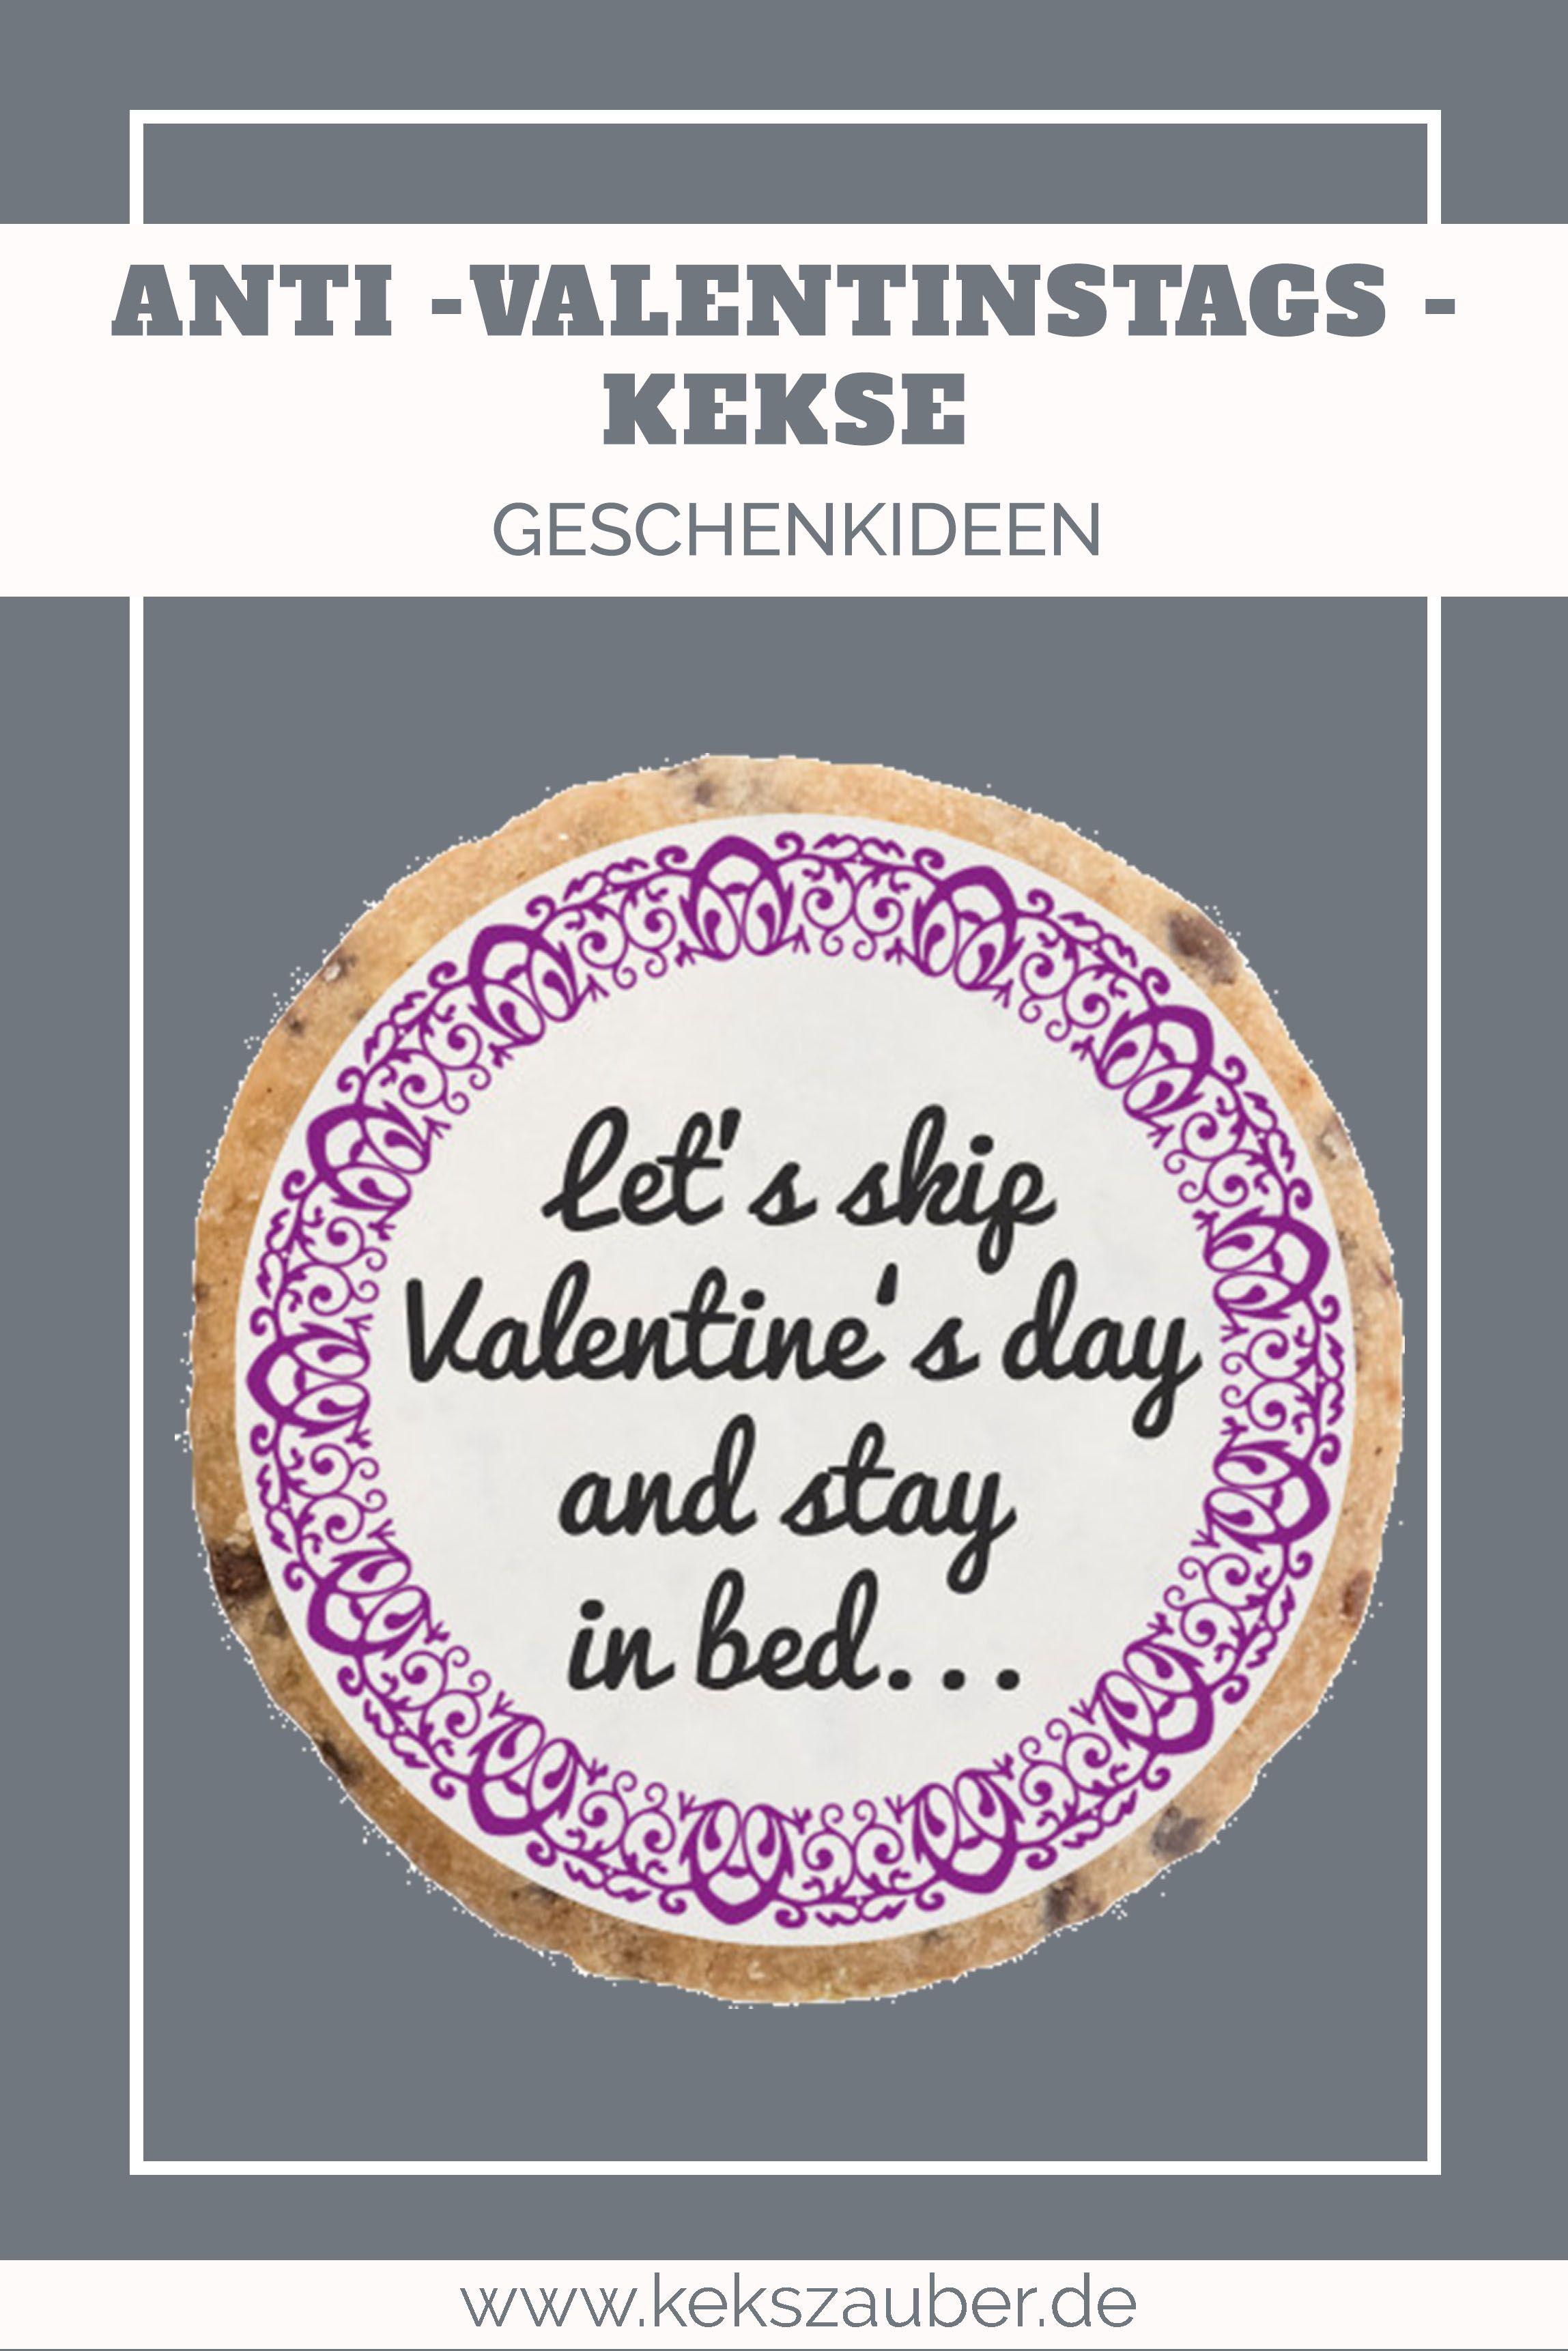 Für Alle Valentinstagsgegner Singles Oder Paare Die Sich Das Ganze